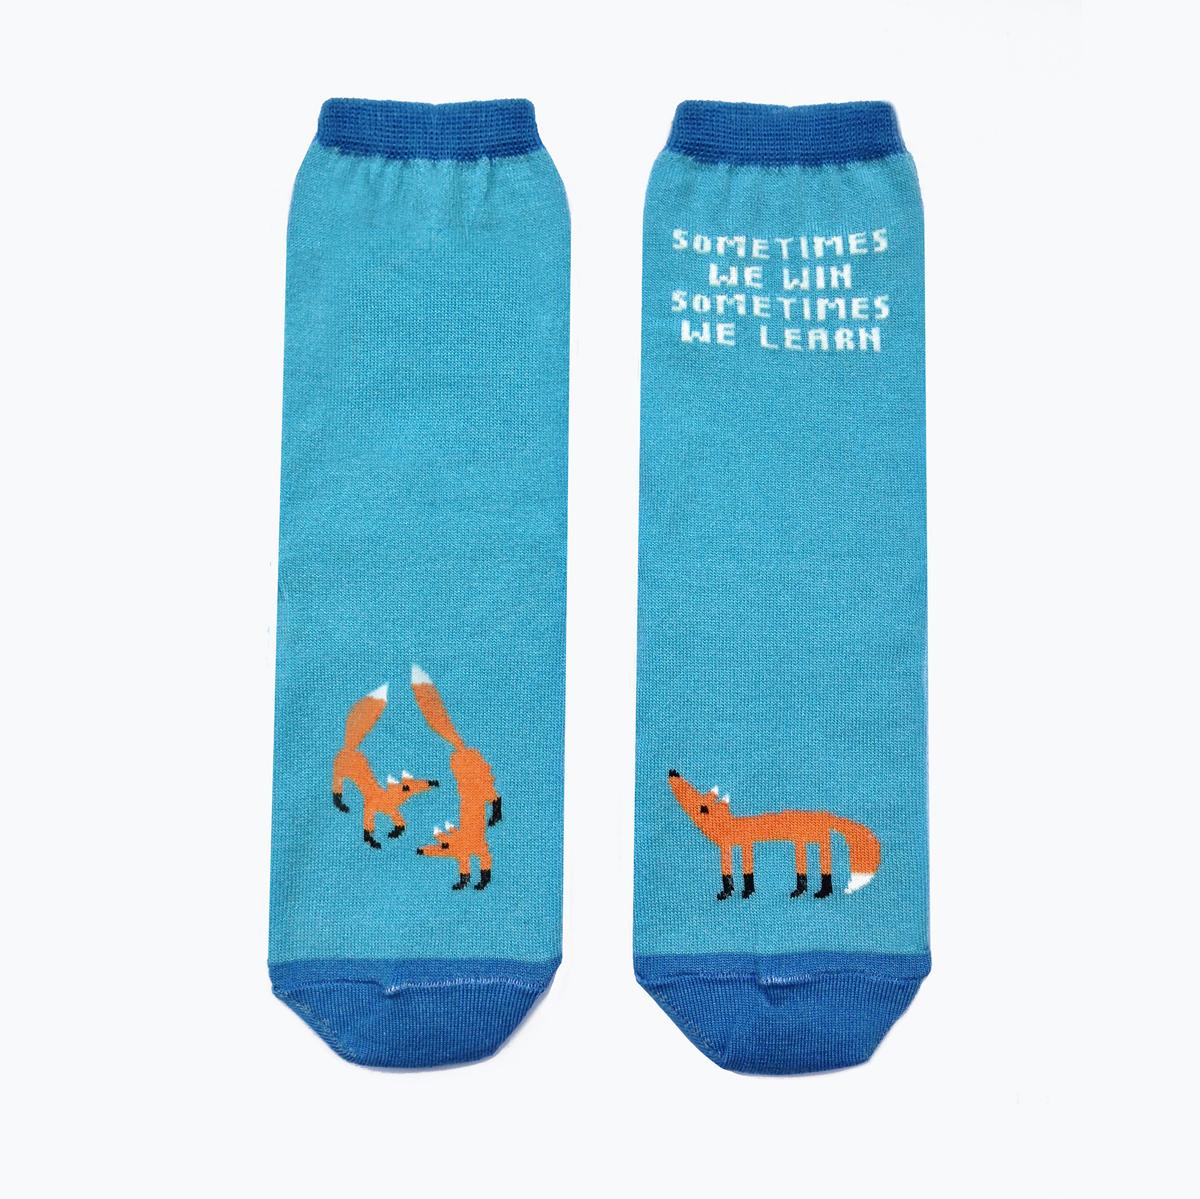 Носкиca1123Яркие женские носки Big Bang Socks изготовлены из высококачественного хлопка с добавлением полиамидных и эластановых волокон, которые обеспечивают великолепную посадку. Носки отличаются ярким стильным дизайном. Они оформлены изображением лисы и надписью на английском языке. Удобная резинка идеально облегает ногу и не пережимает сосуды, усиленные пятка и мысок повышают износоустойчивость носка, а удлиненный паголенок придает более эстетичный вид. Дизайнерские носки Big Bang Socks - яркая деталь в вашем образе и оригинальный подарок для друзей и близких.